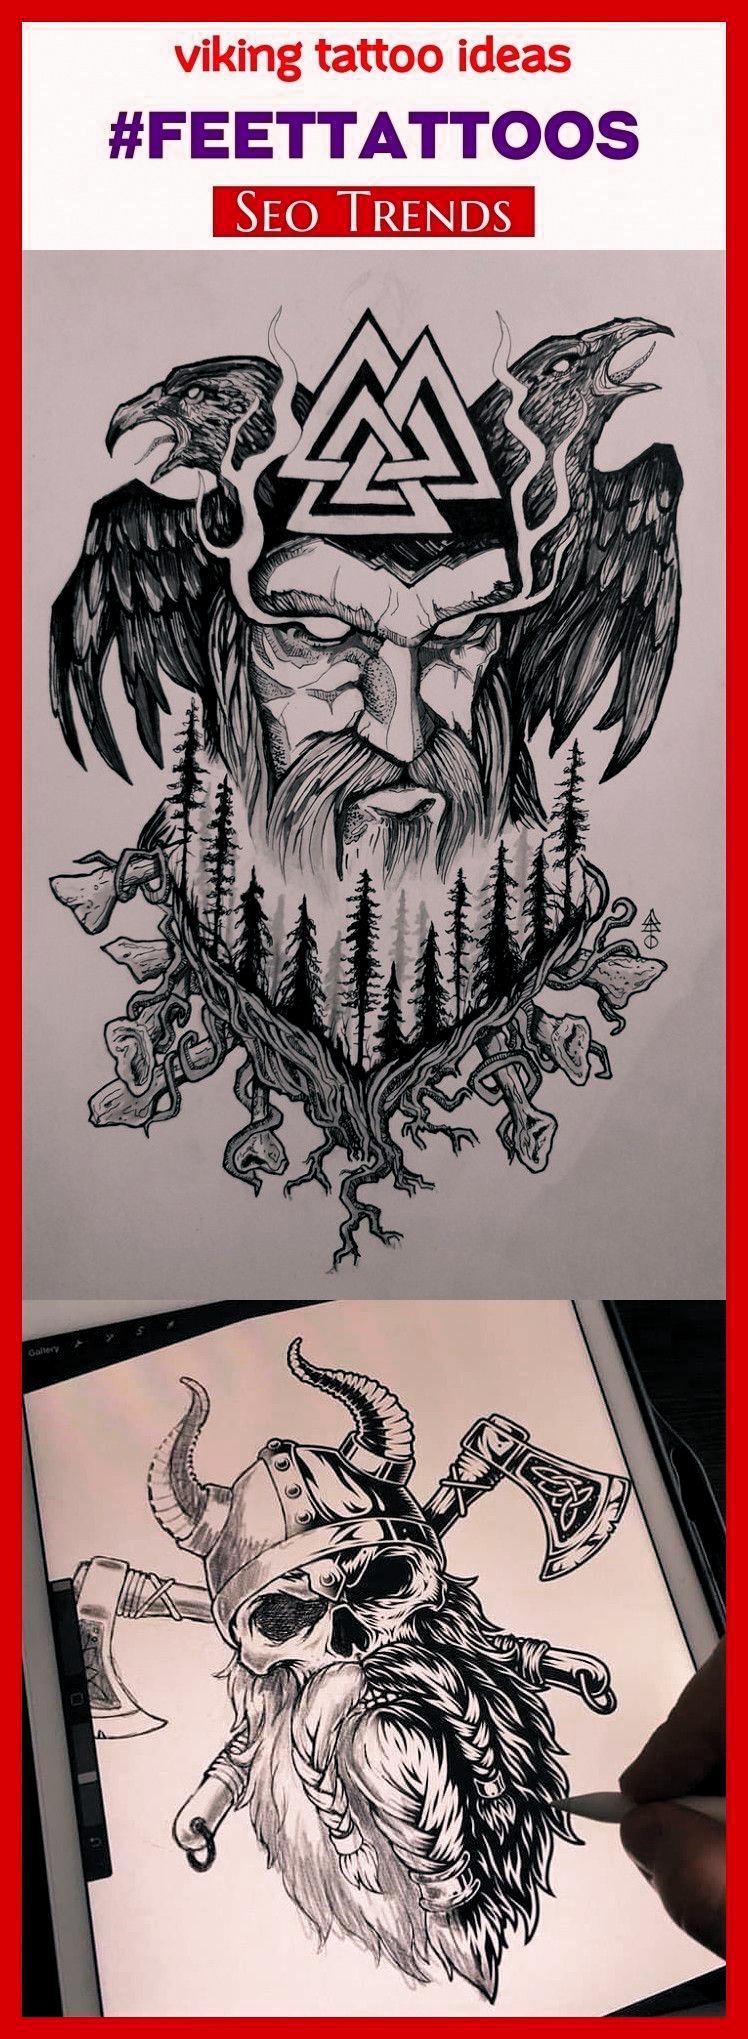 Viking tattoo ideas . tattoo ideas female, t Viking